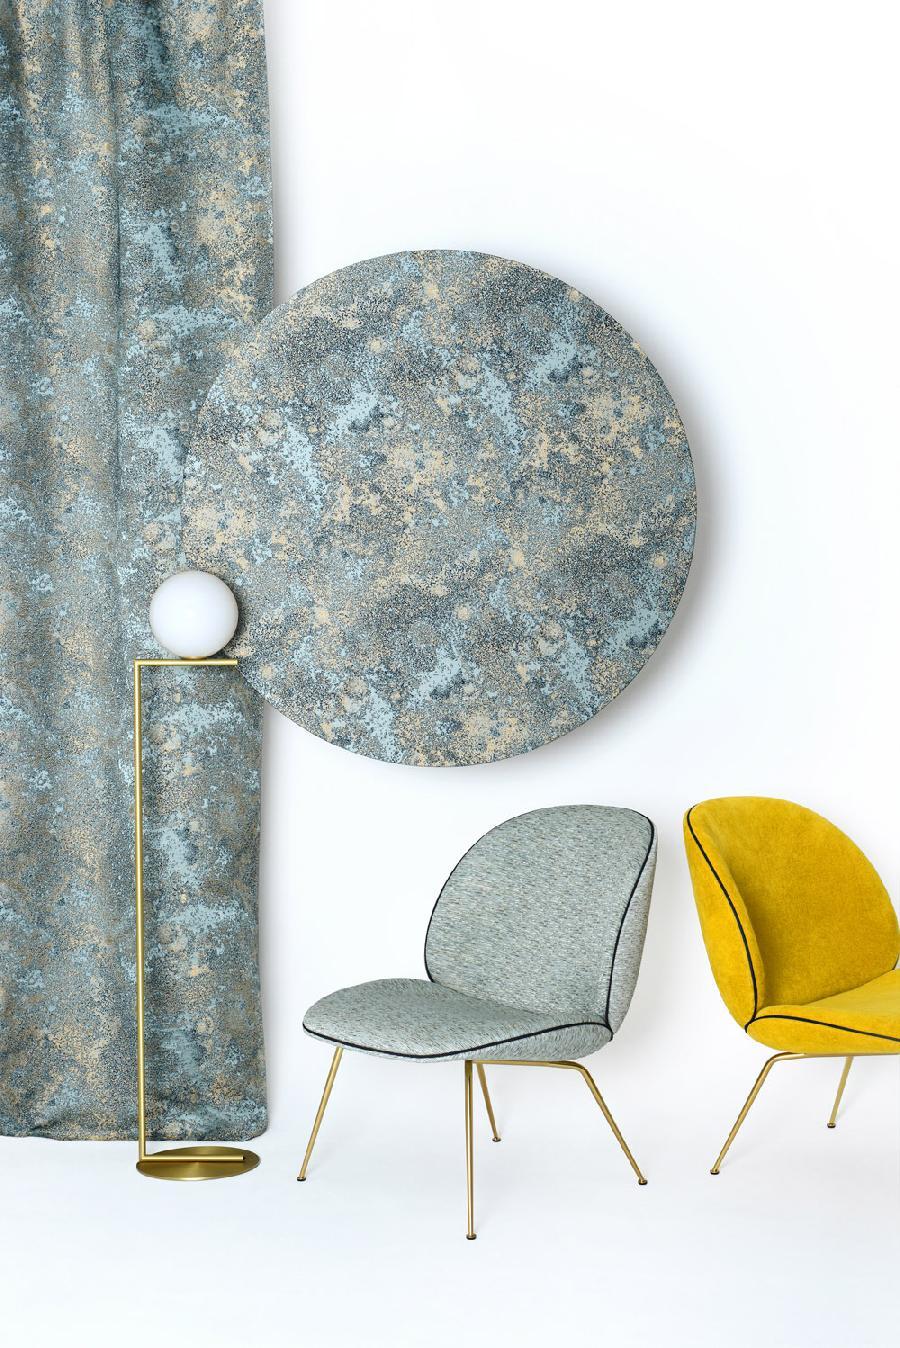 tissu jacquard astral de leli vre r f rence 4229. Black Bedroom Furniture Sets. Home Design Ideas